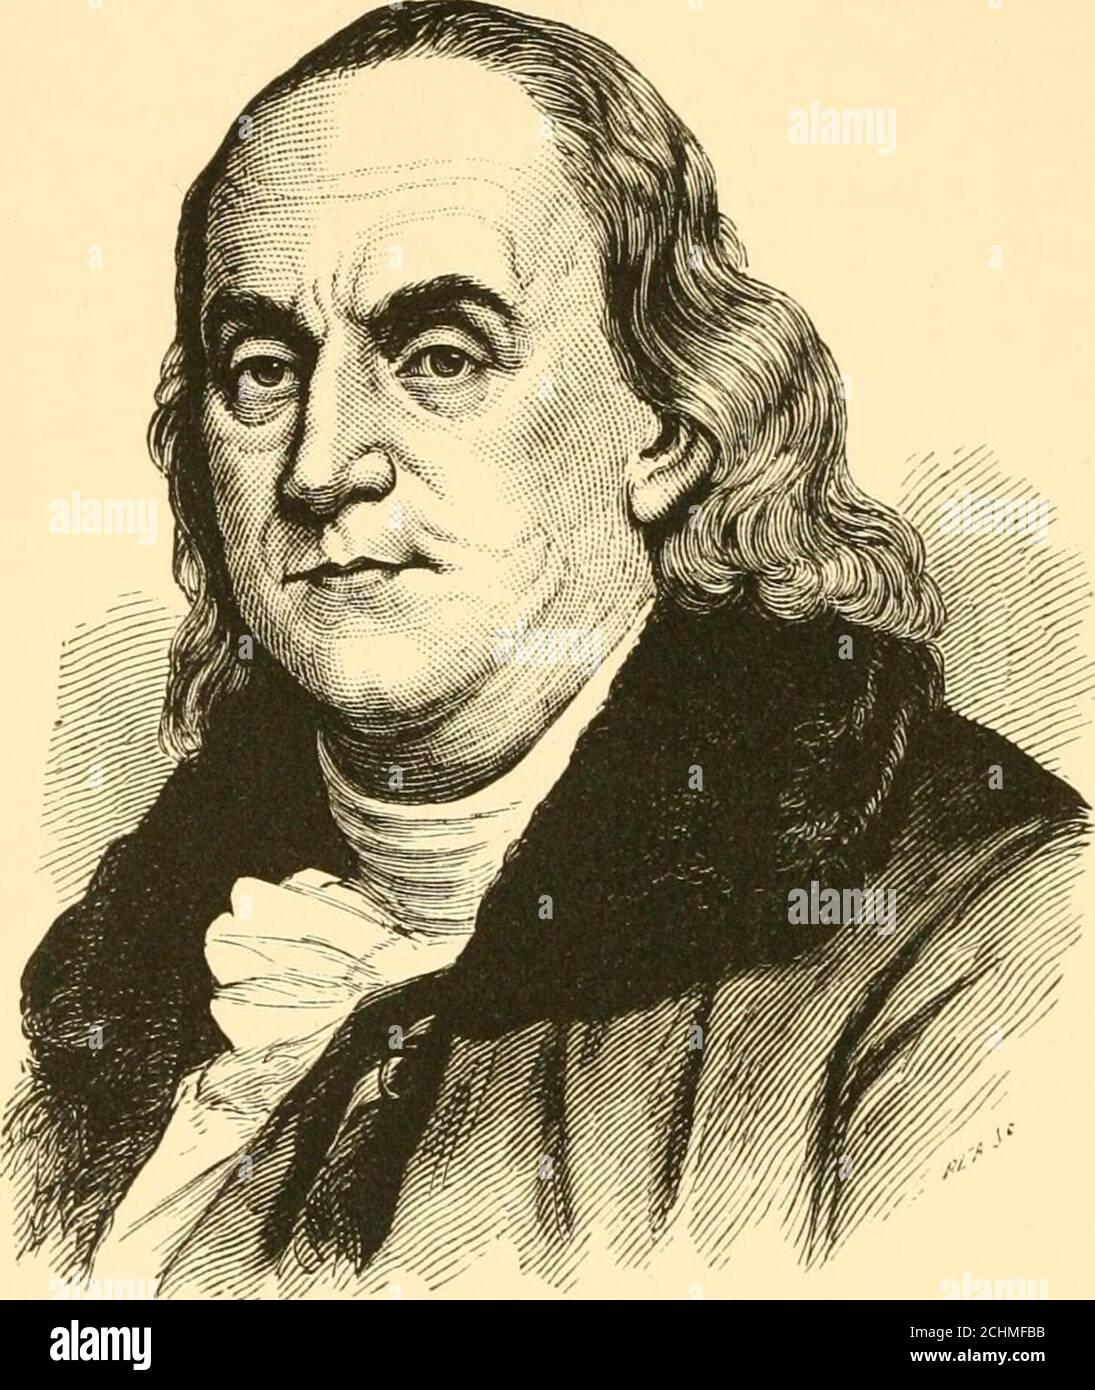 Héroes Y Estadistas De América Un Libro Popular De La Biografía Americana Benjamin Franklin Benjamin Franklin